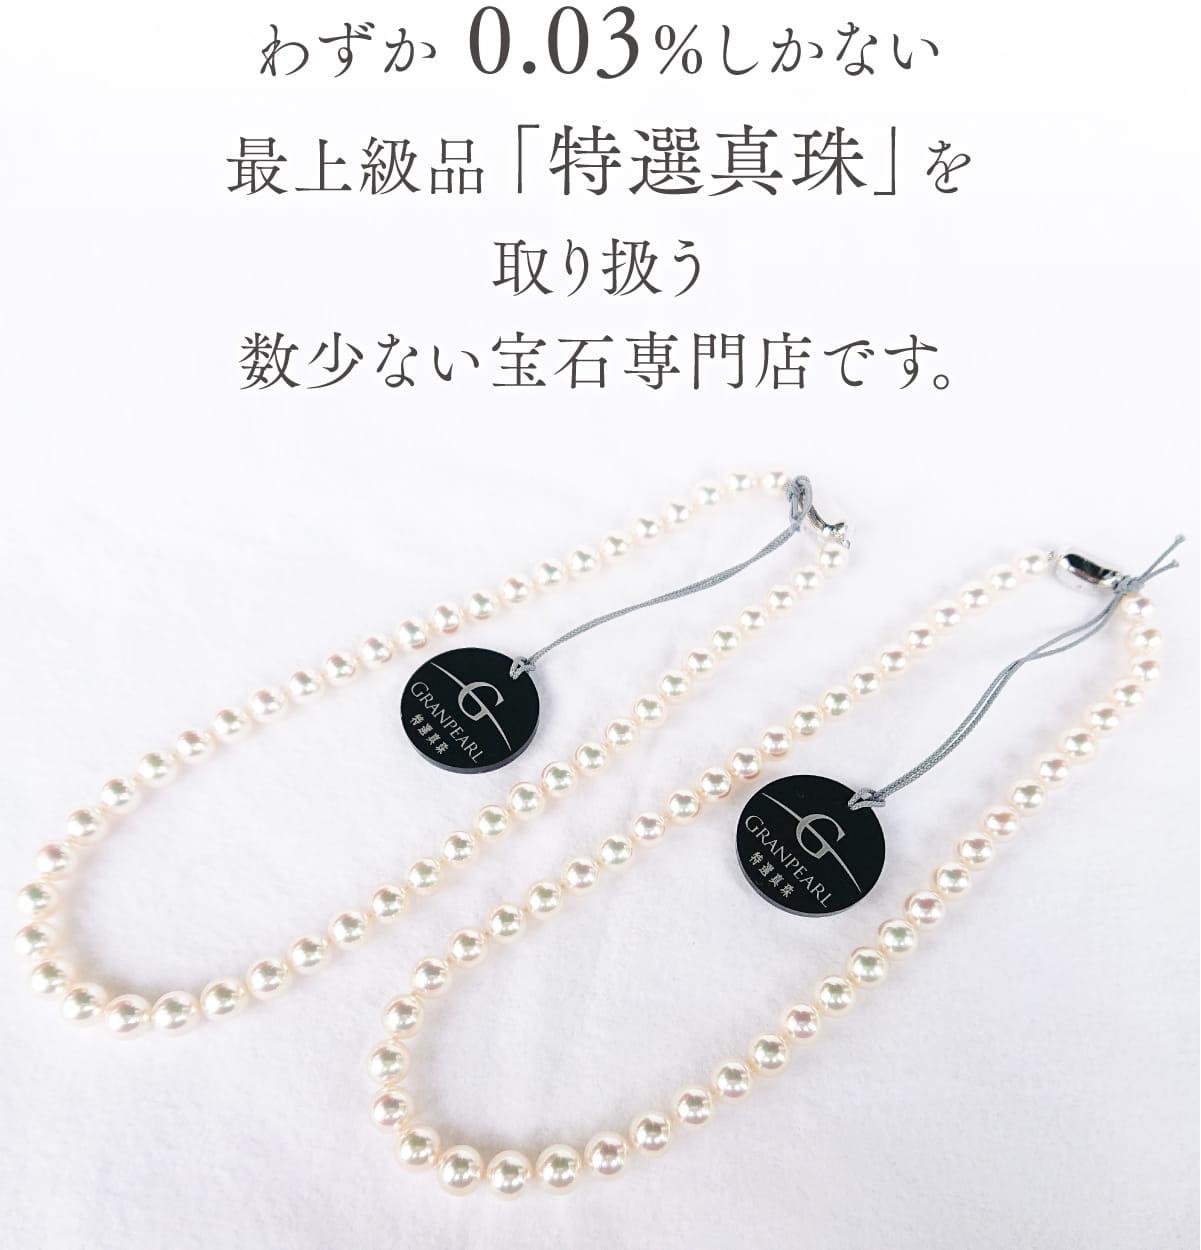 わずか0.03%しかない最上級品「特選真珠」を取り扱う数少ない取扱店です。